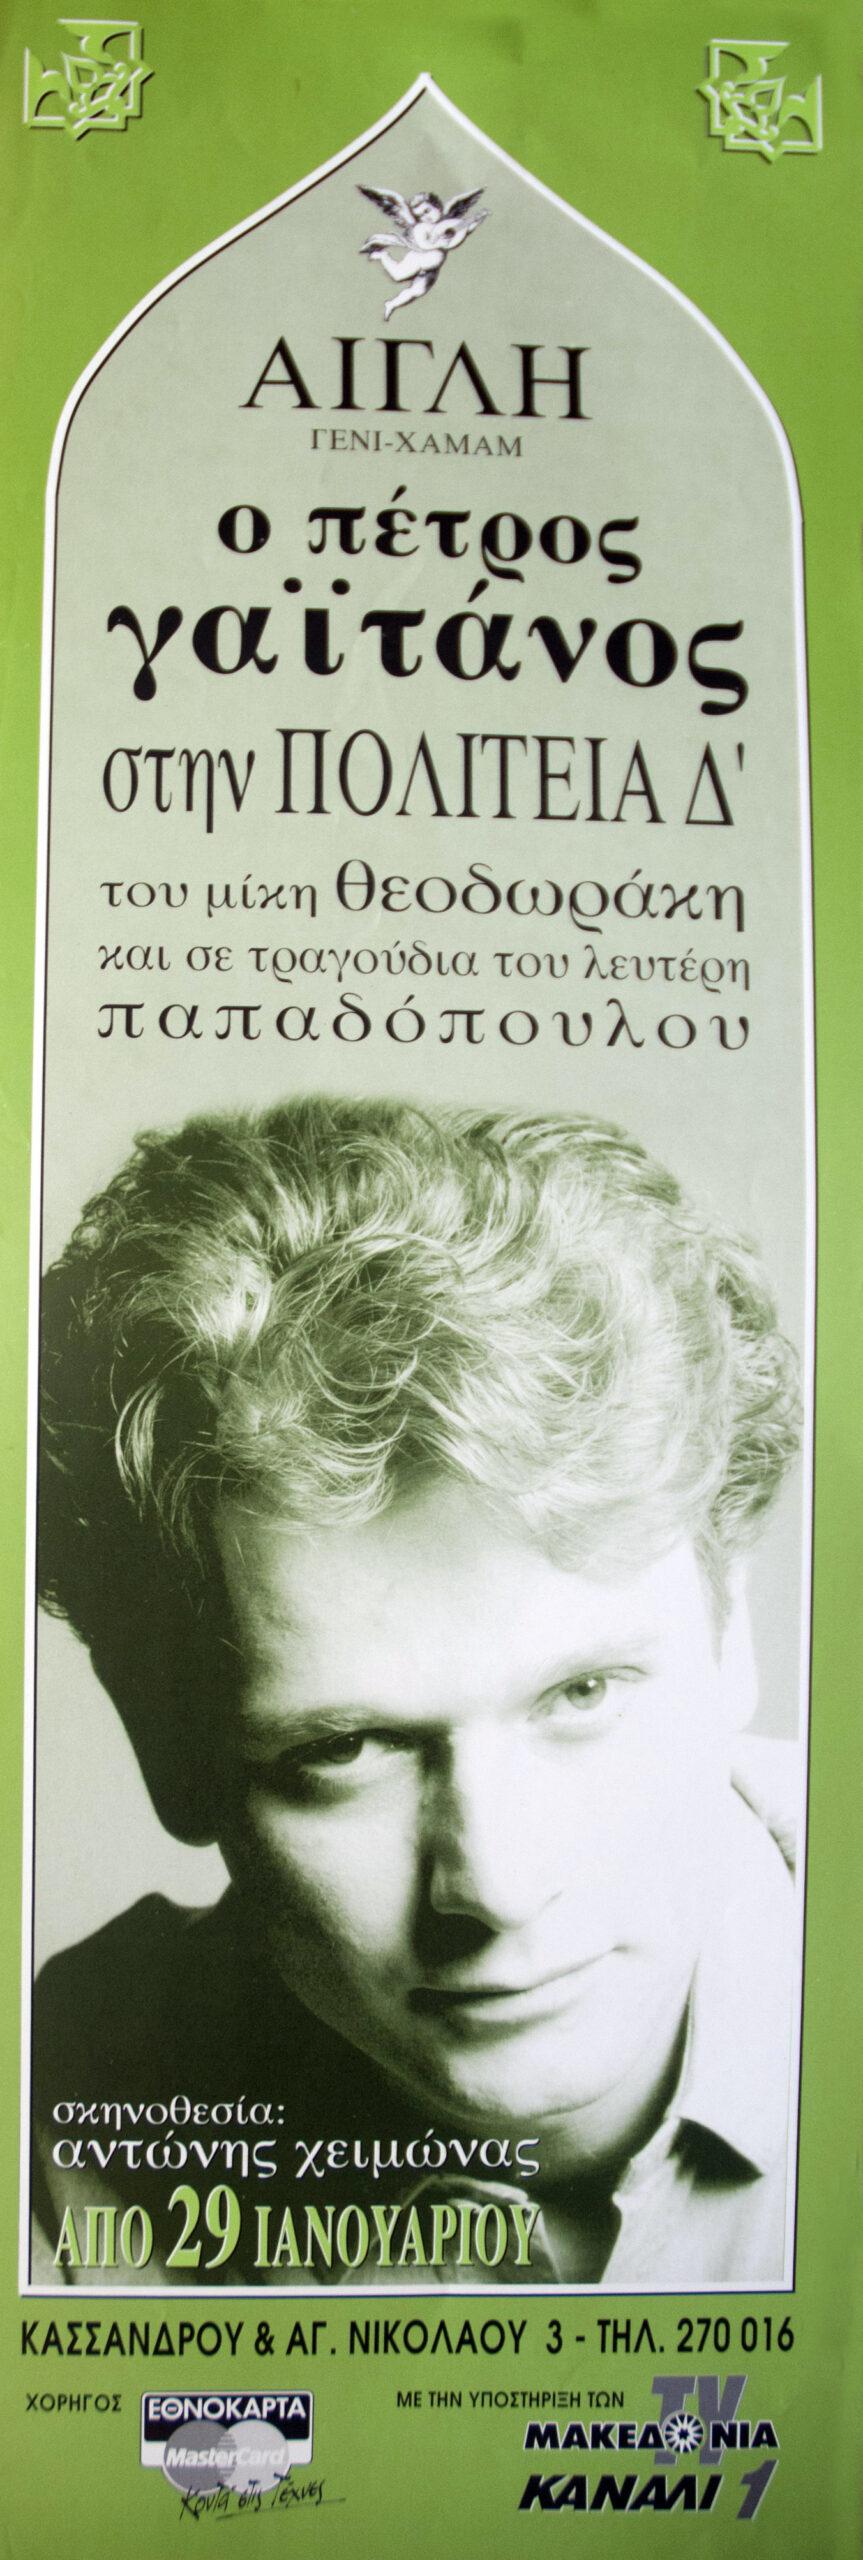 1 1997 THEODORAKIS PAPADOPULOS scaled